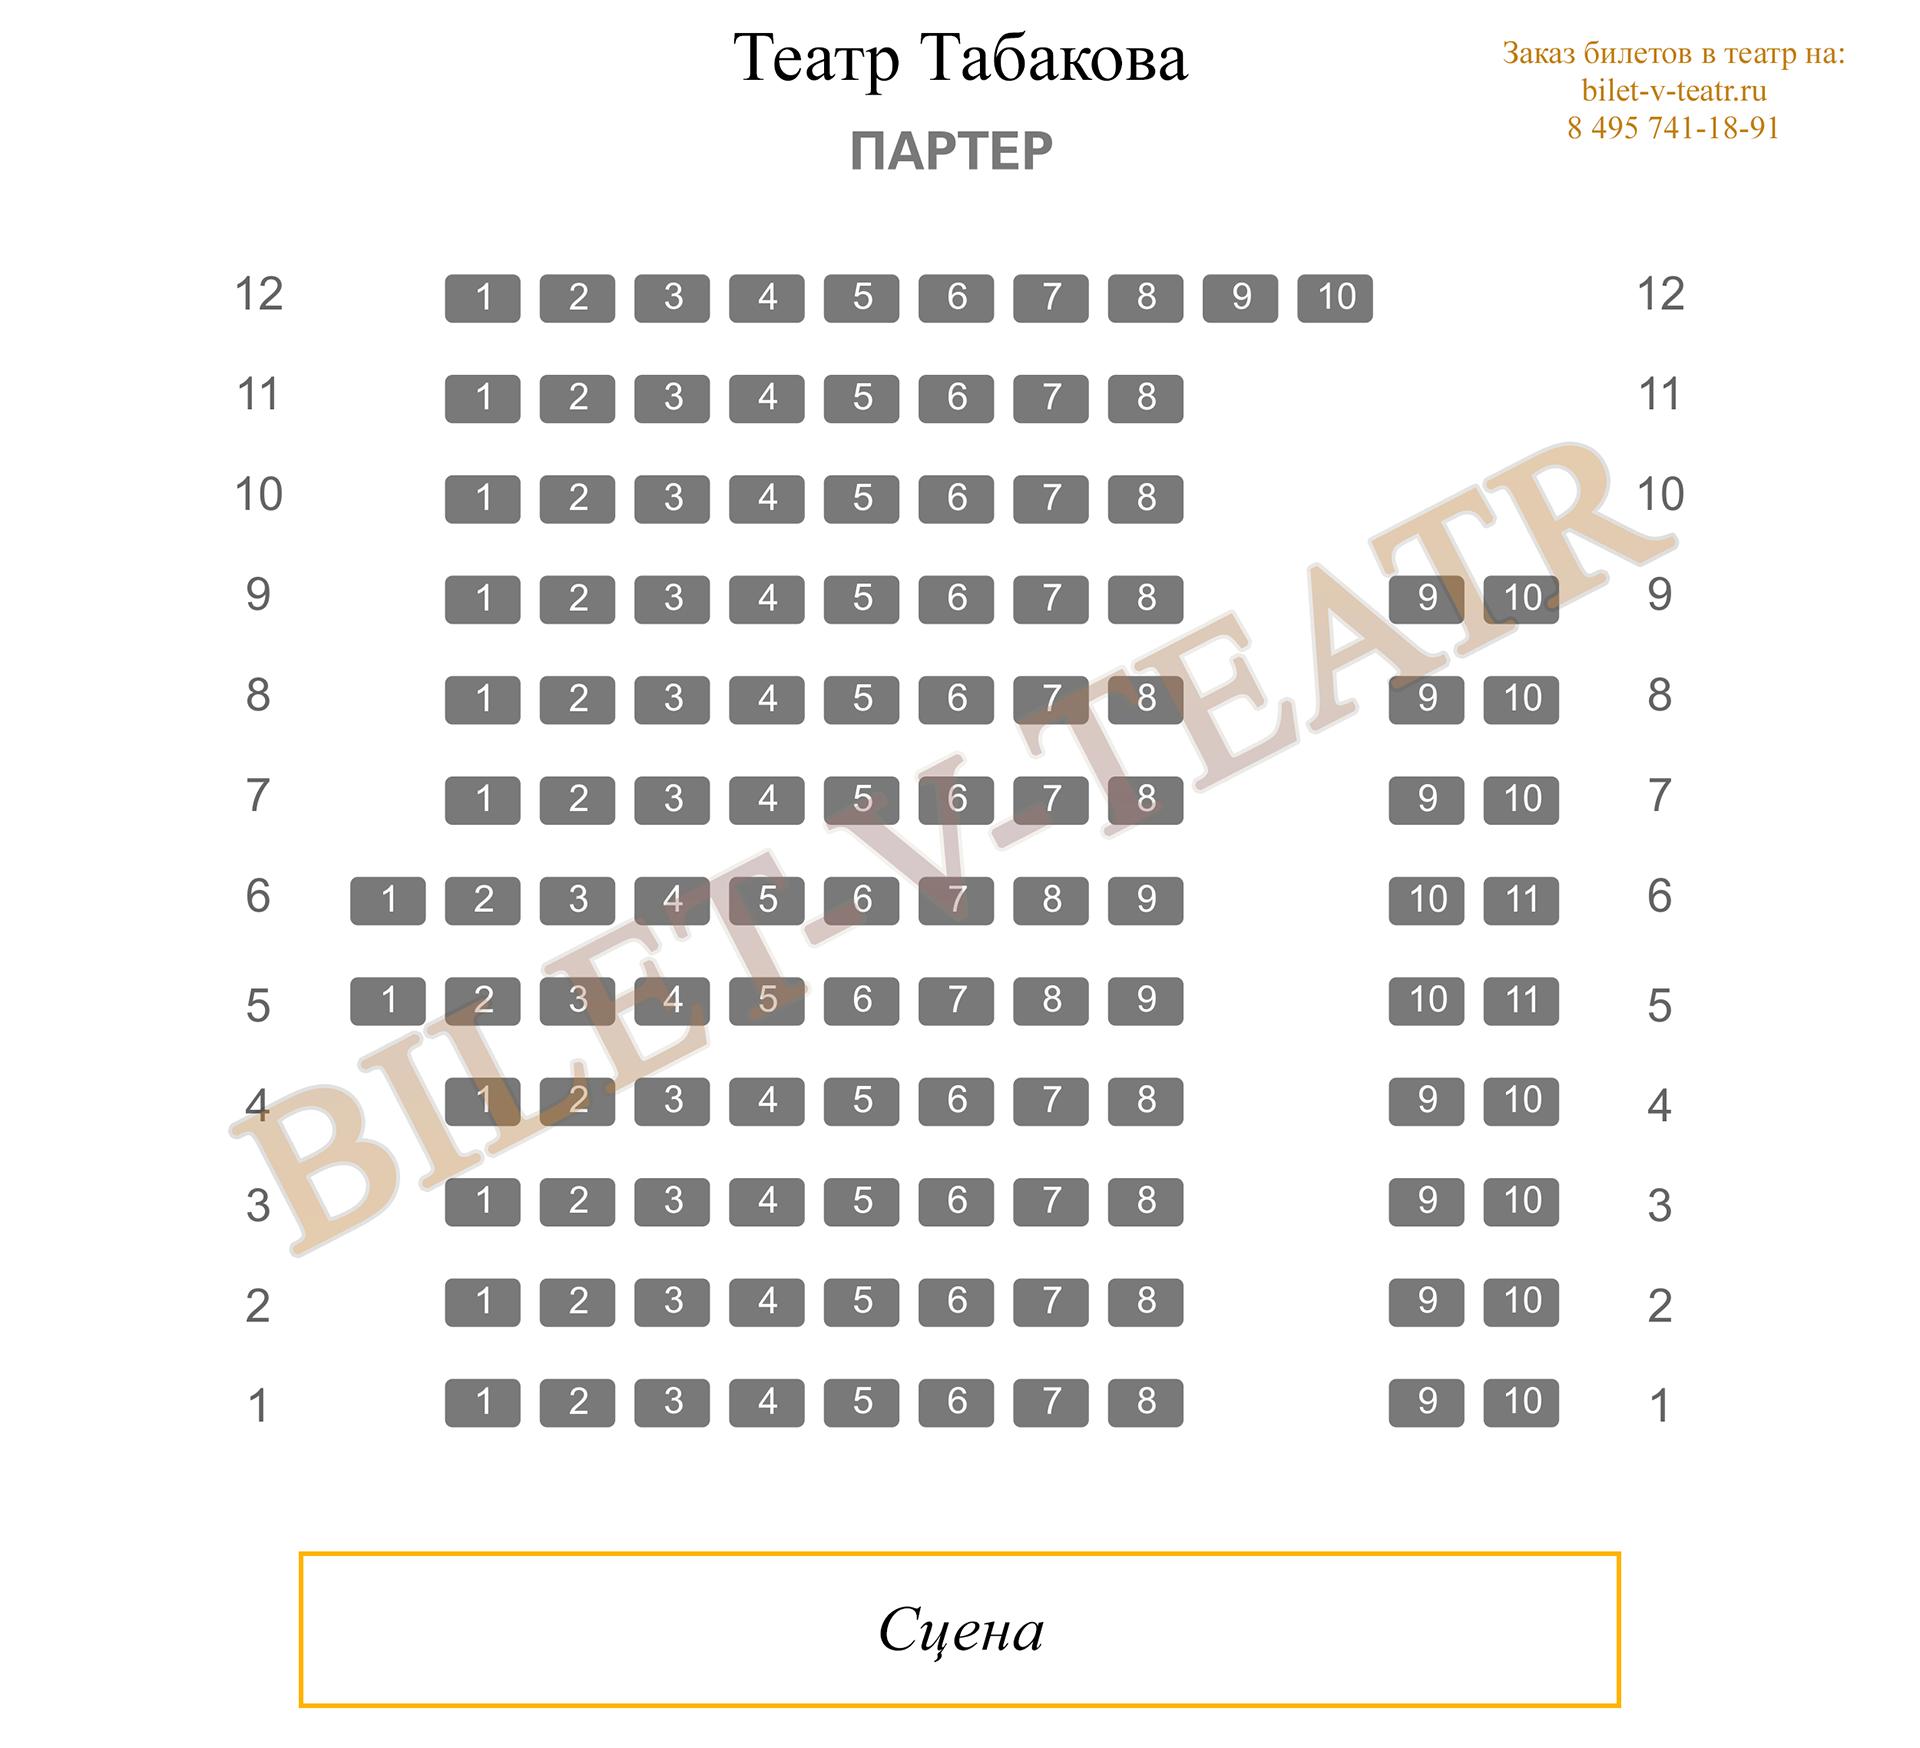 Схема зала театр табакова на сухаревской